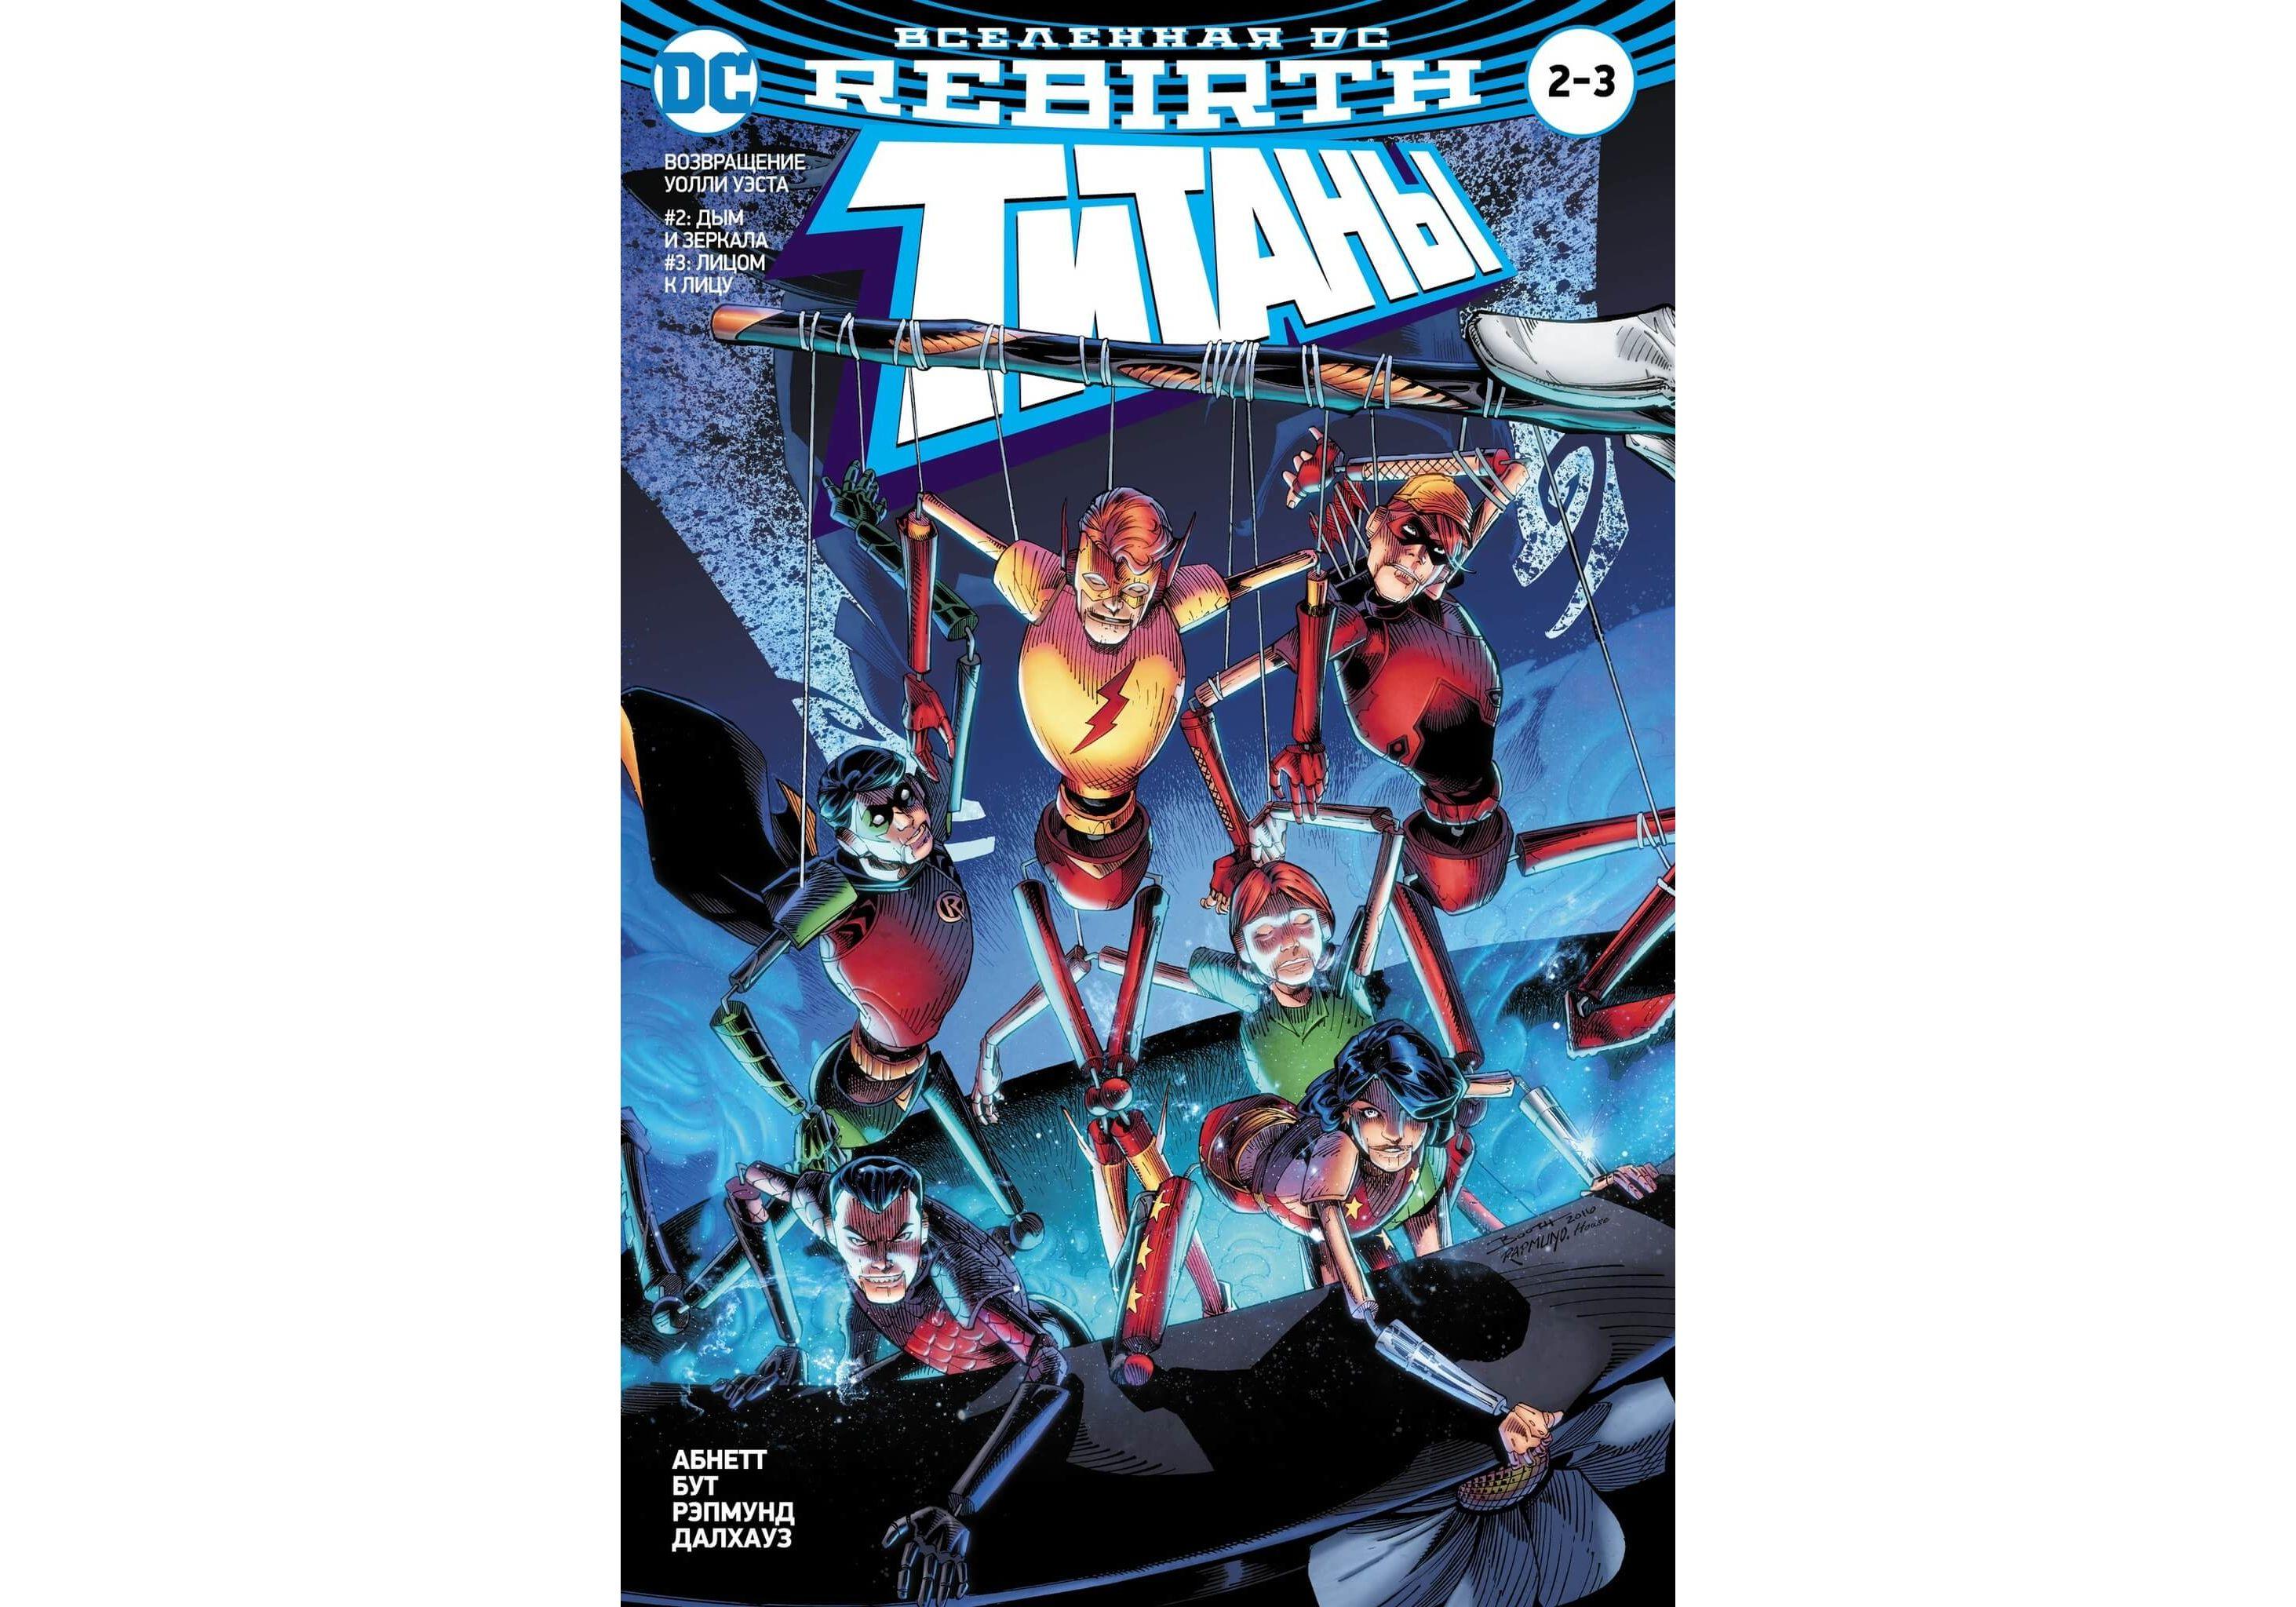 Вселенная DC, Rebirth, Титаны, Возвращение Уолли Уэста: #2-3;Красный Колпак и Изгои #1